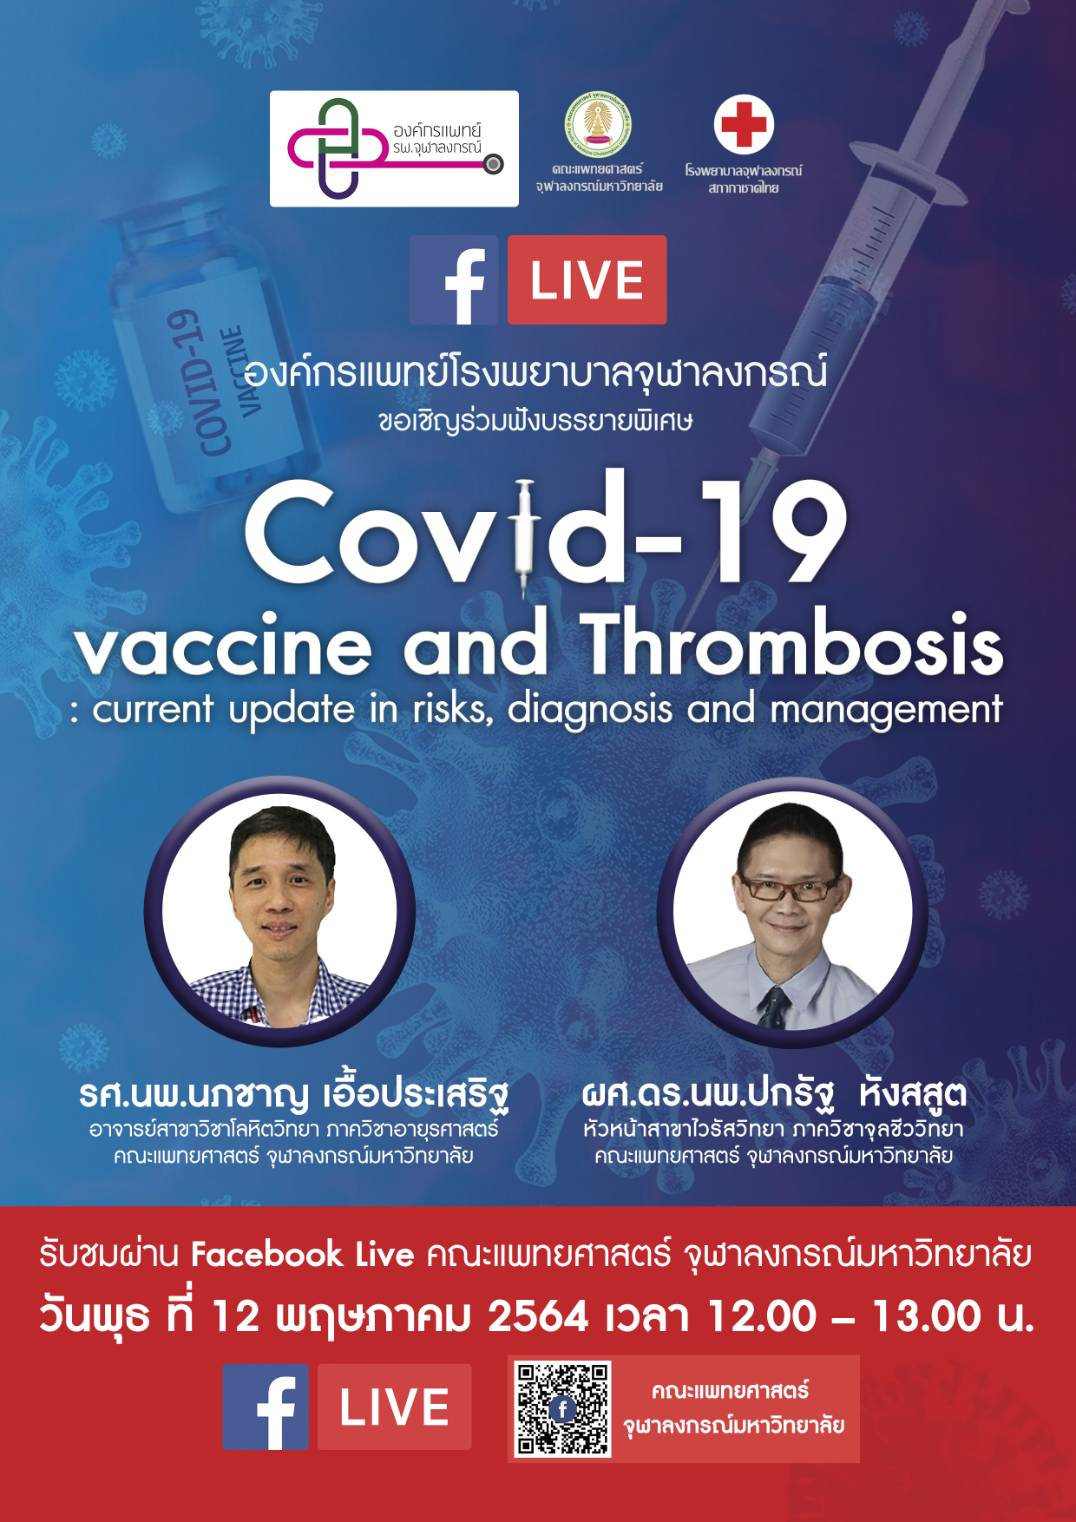 ฟังบรรยายพิเศษ Covid-19 vaccine and Thrombosis : current update in risks, diagnosis and management